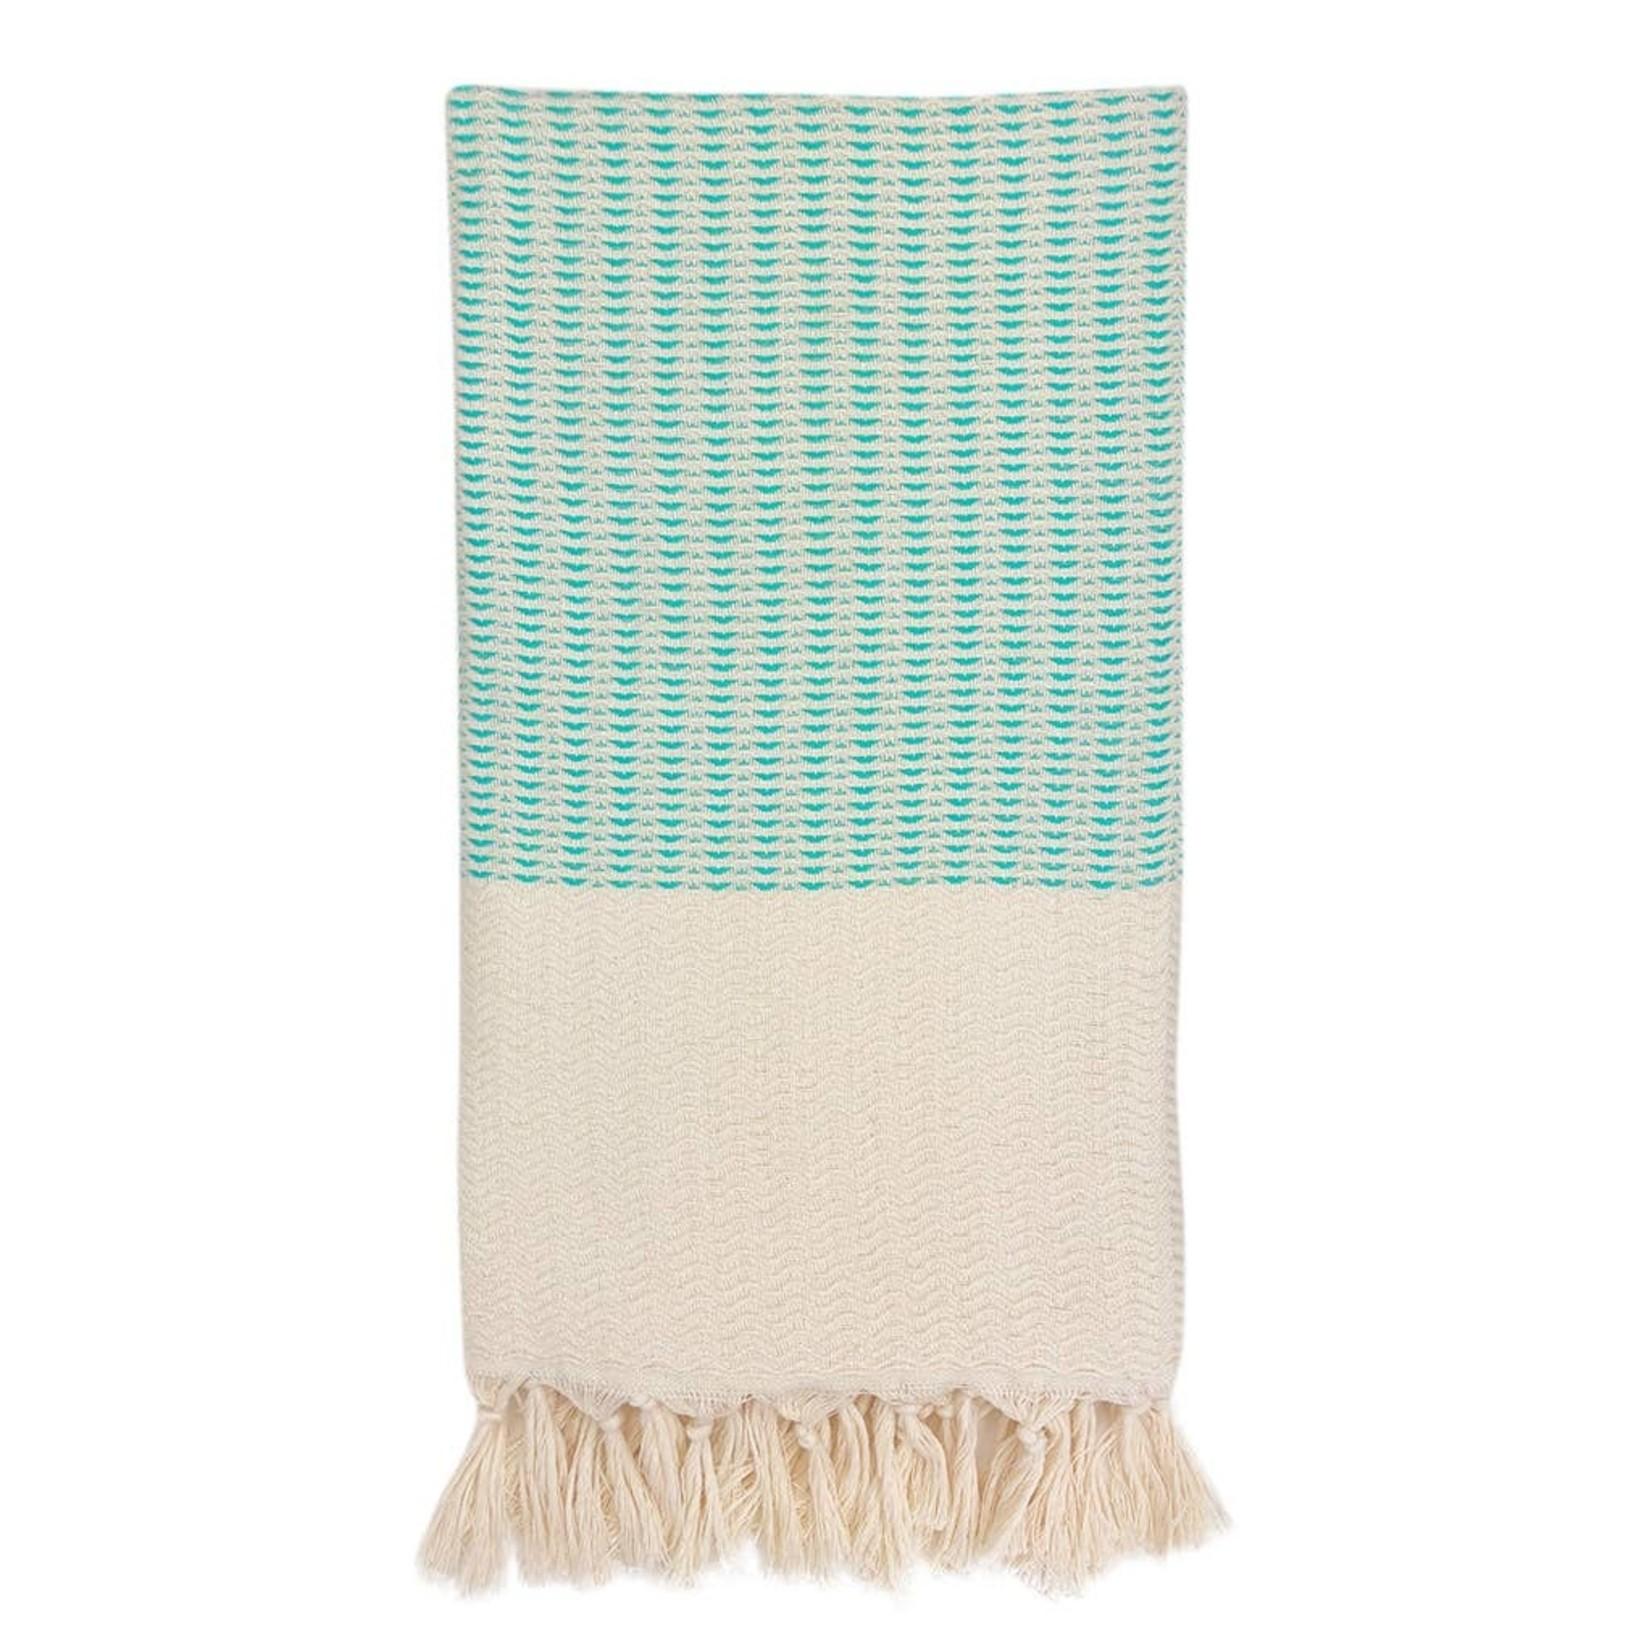 Slate + Salt Slate + Salt Plush Wavy Turkish Towel Mint